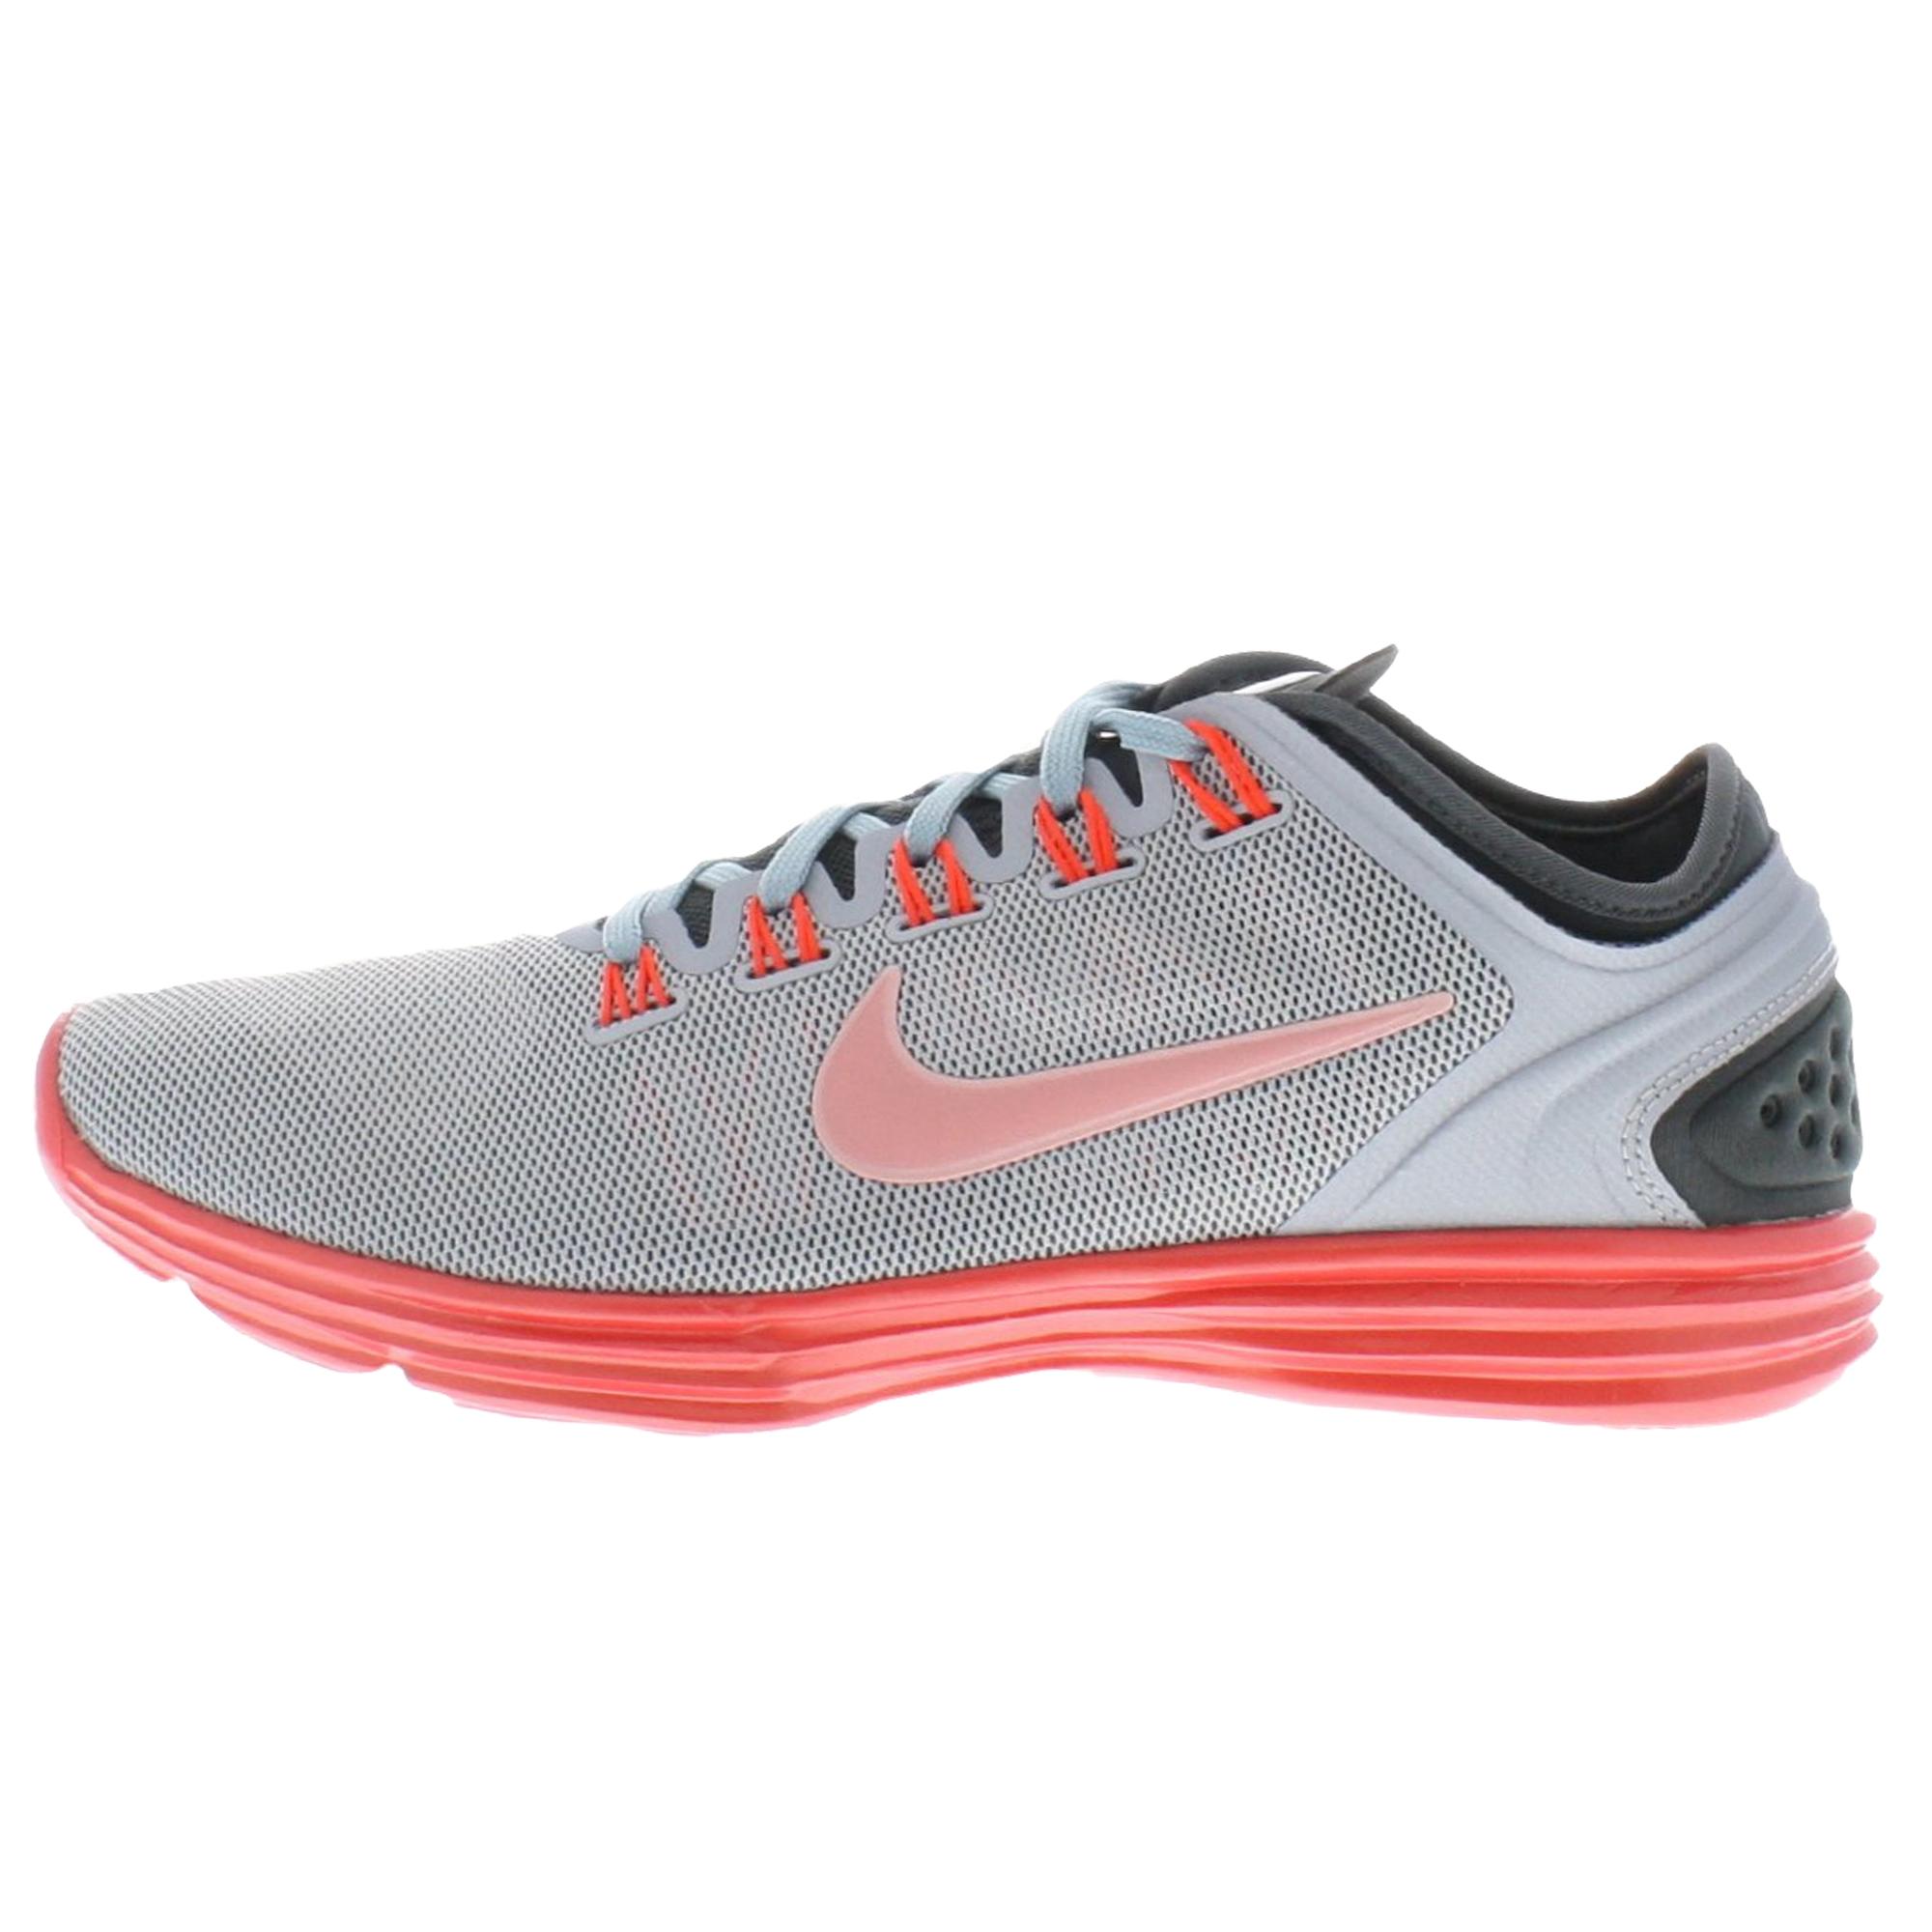 half off 85f9a 43a81 Nike Lunar Hyper Workout Xt Bayan Spor Ayakkabı